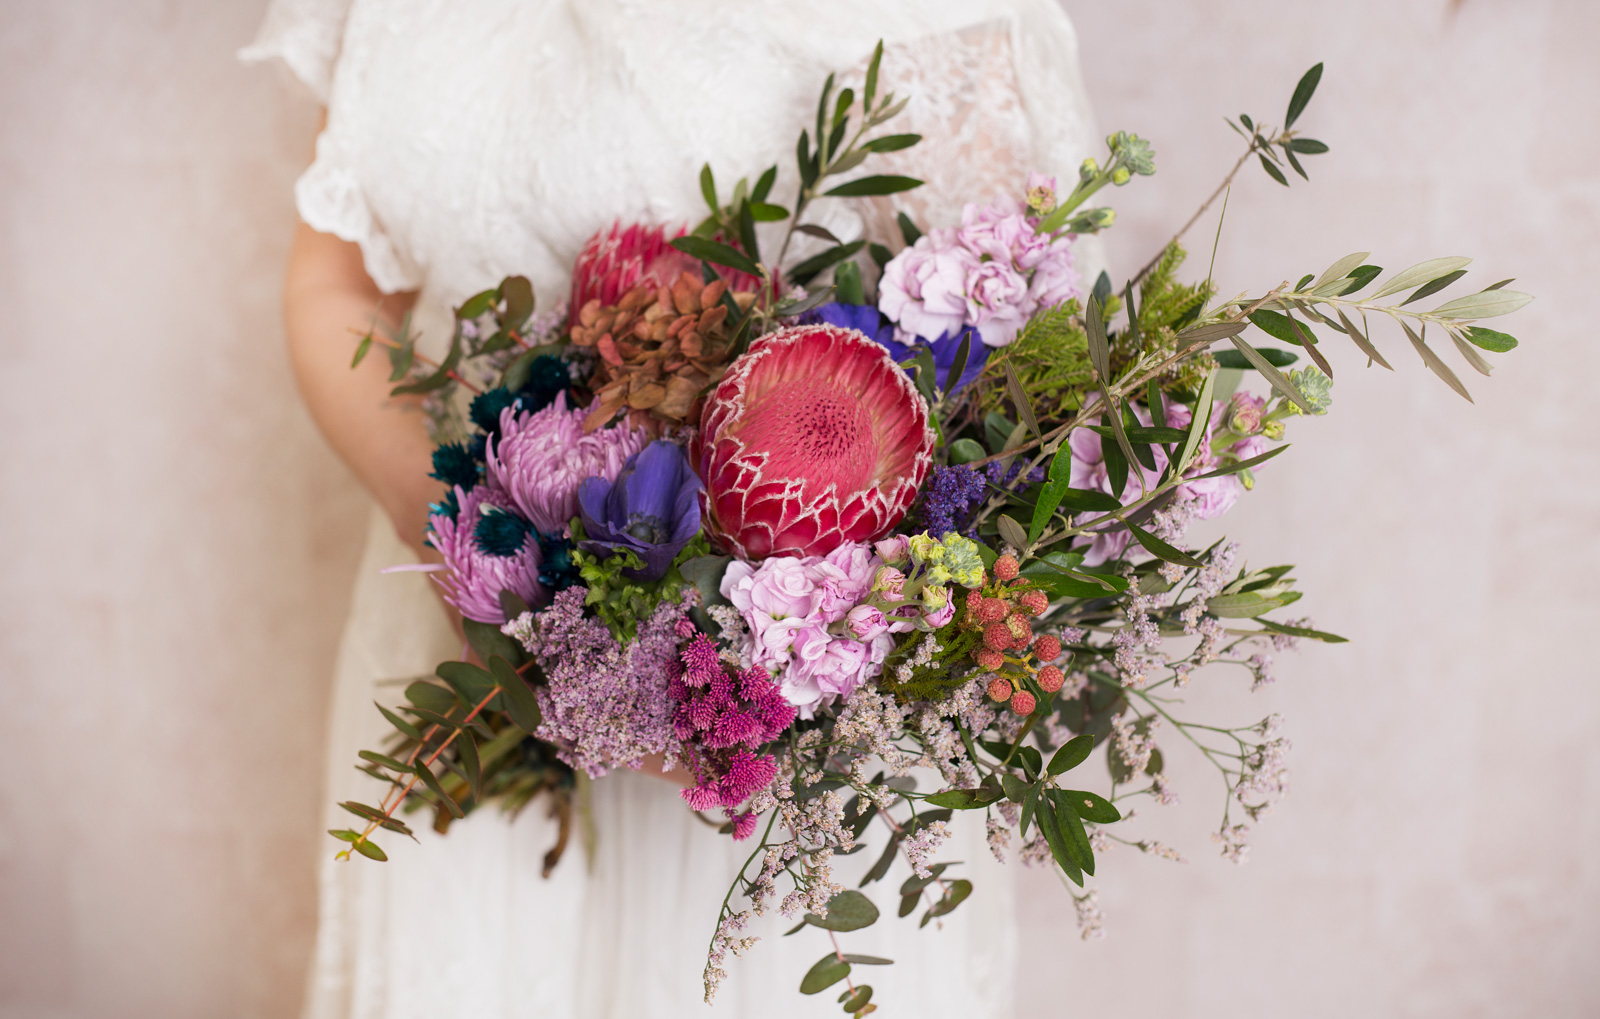 Trencadissa, ramos de novia y decoración floral de ceremonias